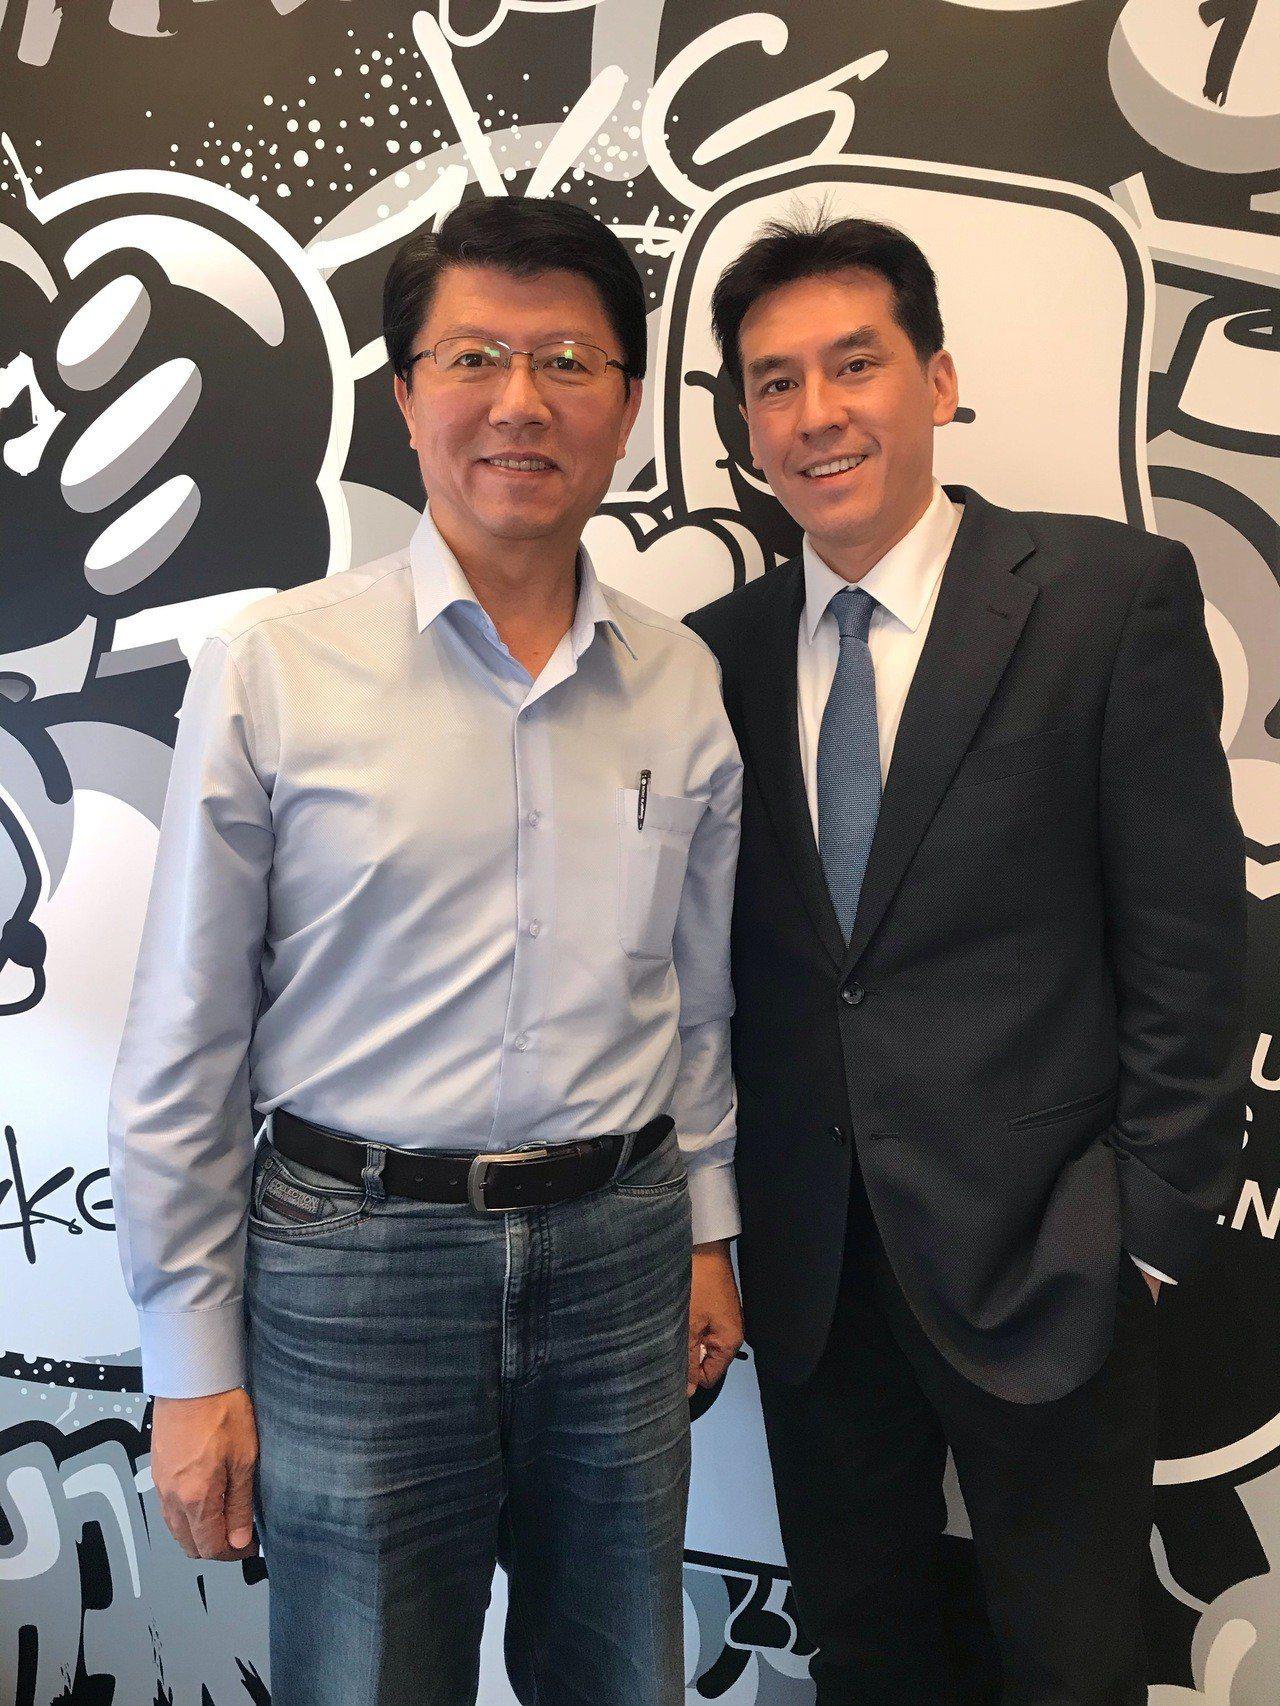 謝龍介(左)加入17直播名人開講的「17嘴一波」系列。圖/17Media提供